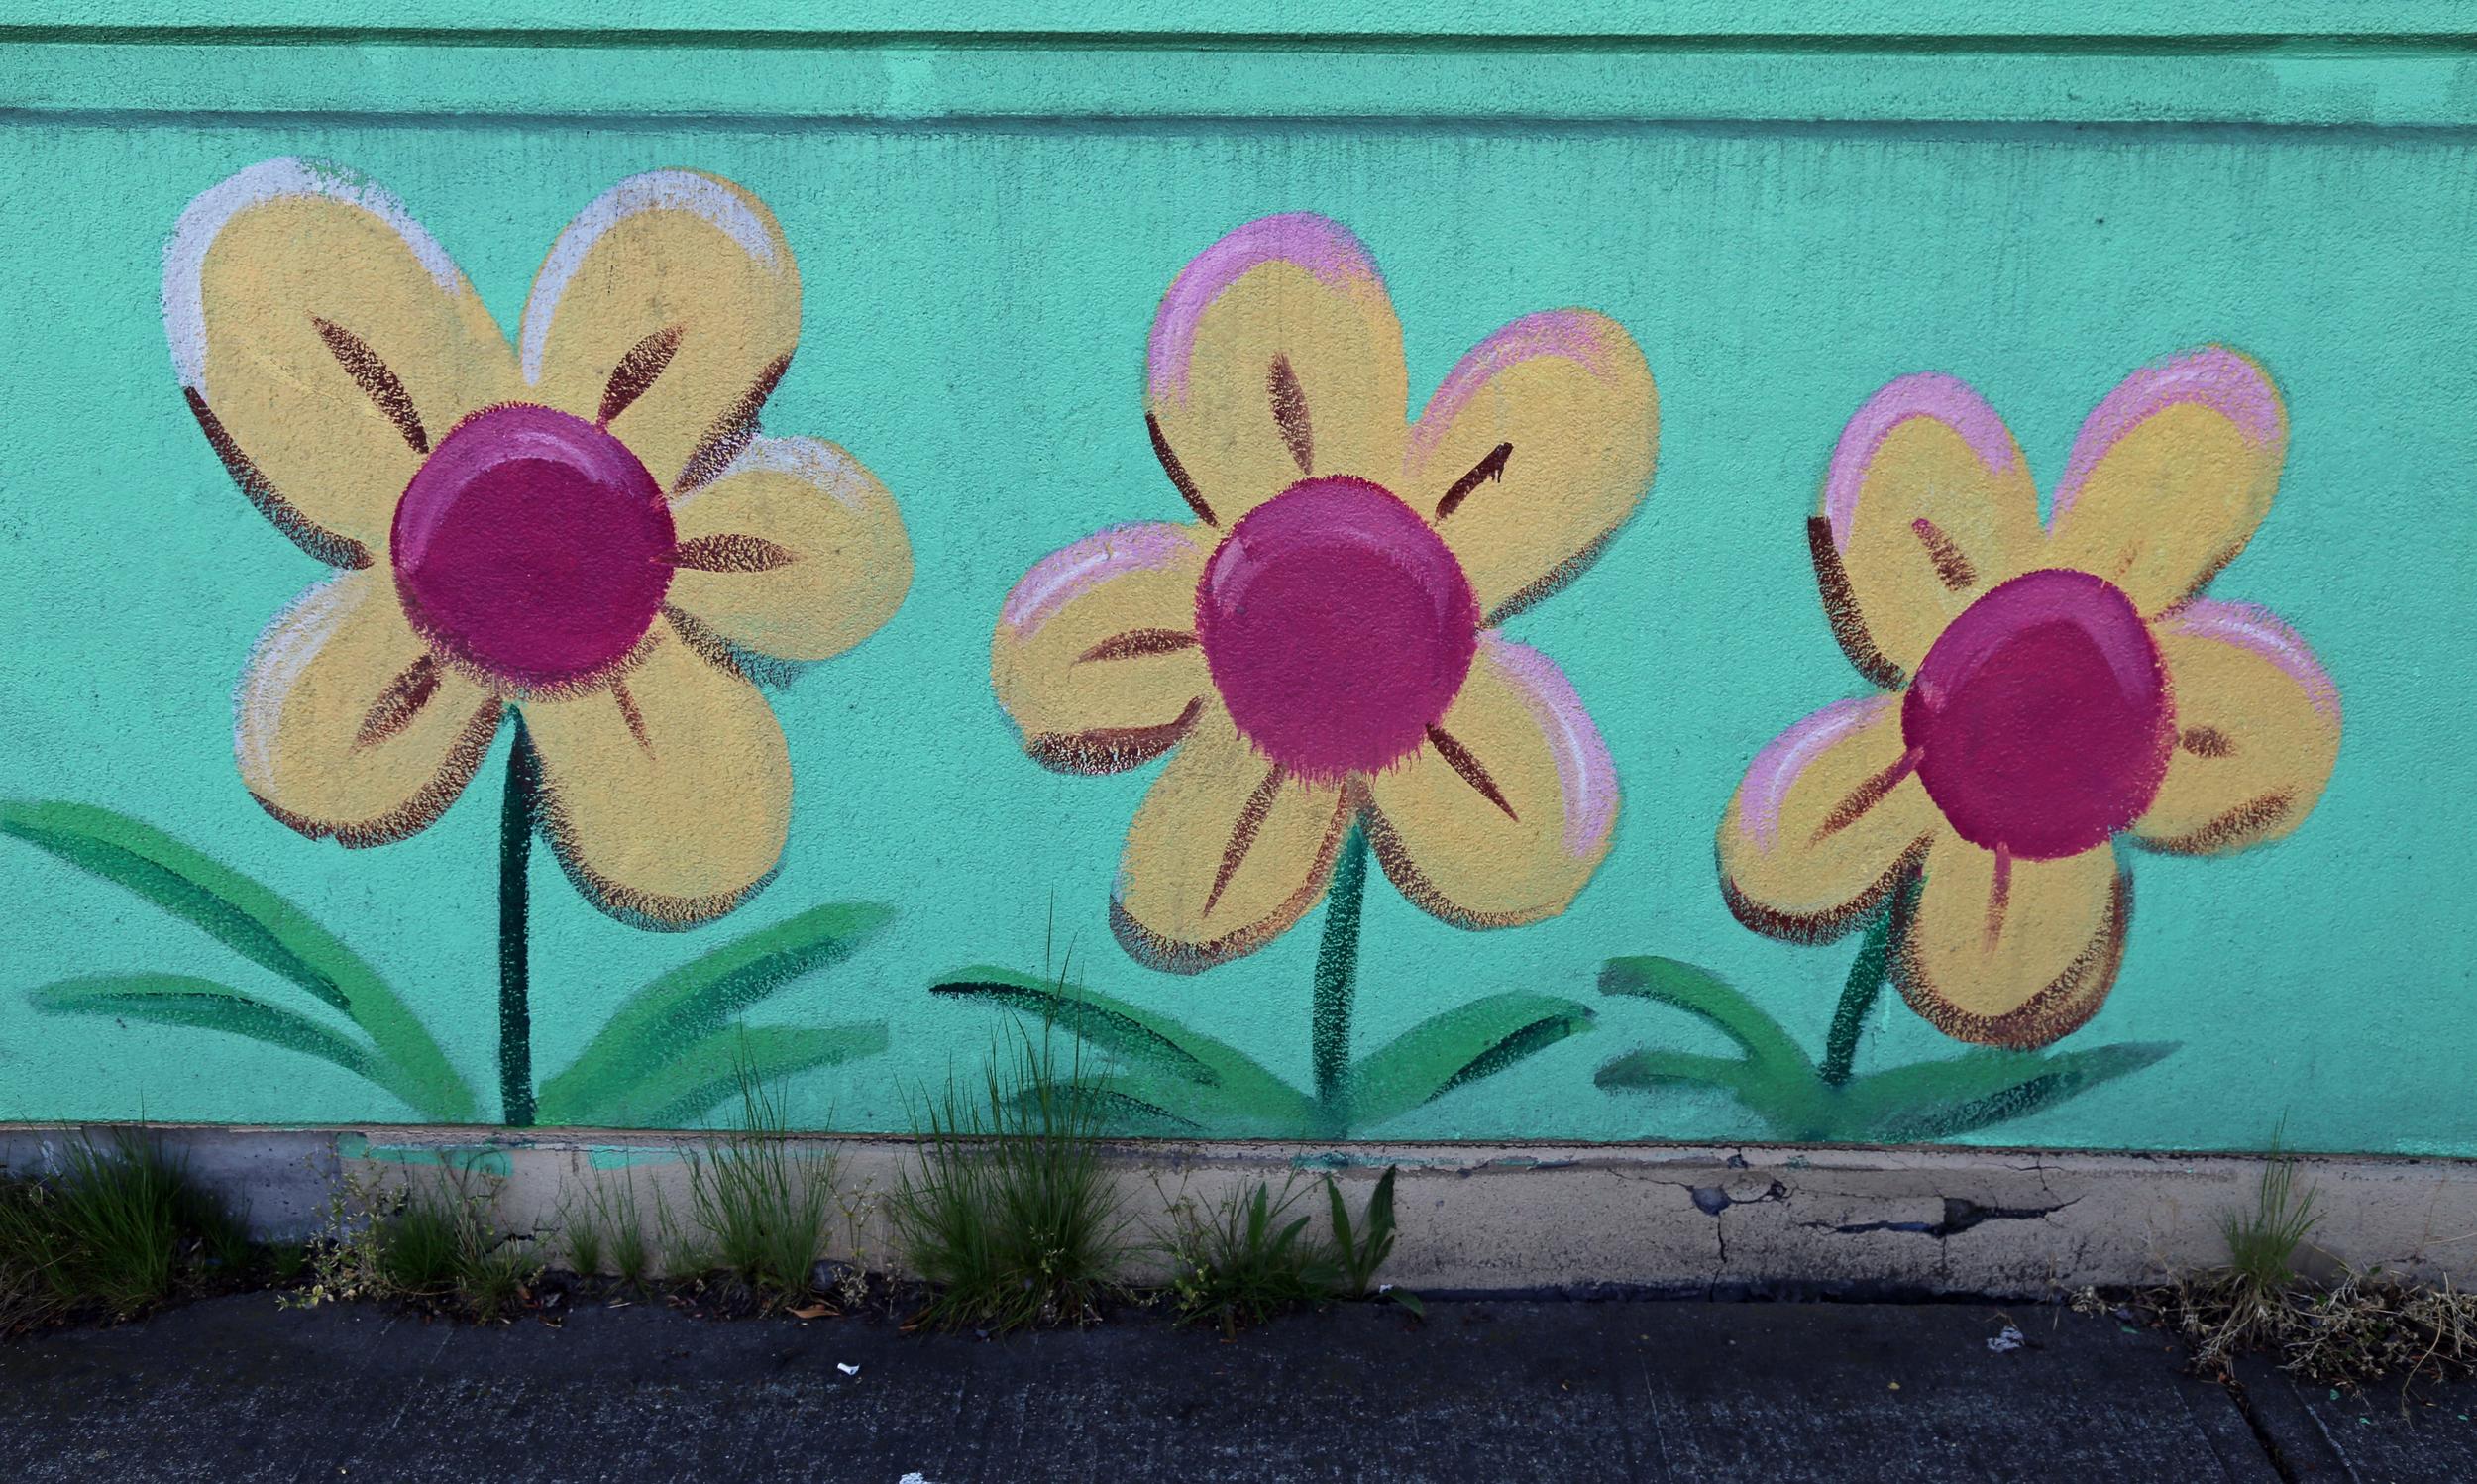 Flower details at the Value Village mural